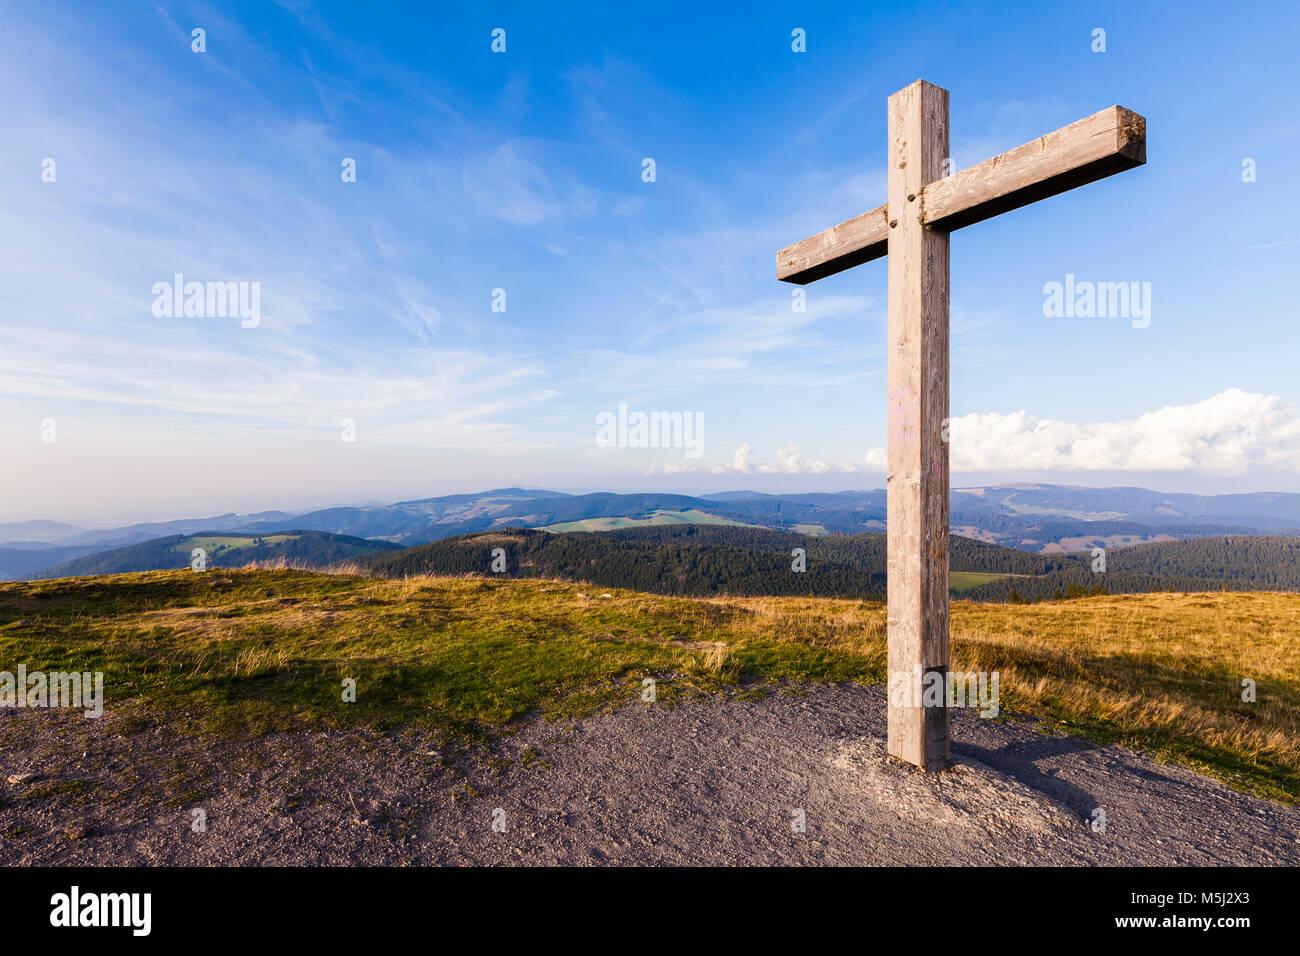 Deutschland, Baden-Württemberg, Schwarzwald, Blick vom Belchen, Gipfelkreuz, Aussichtspunkt - Stock Image